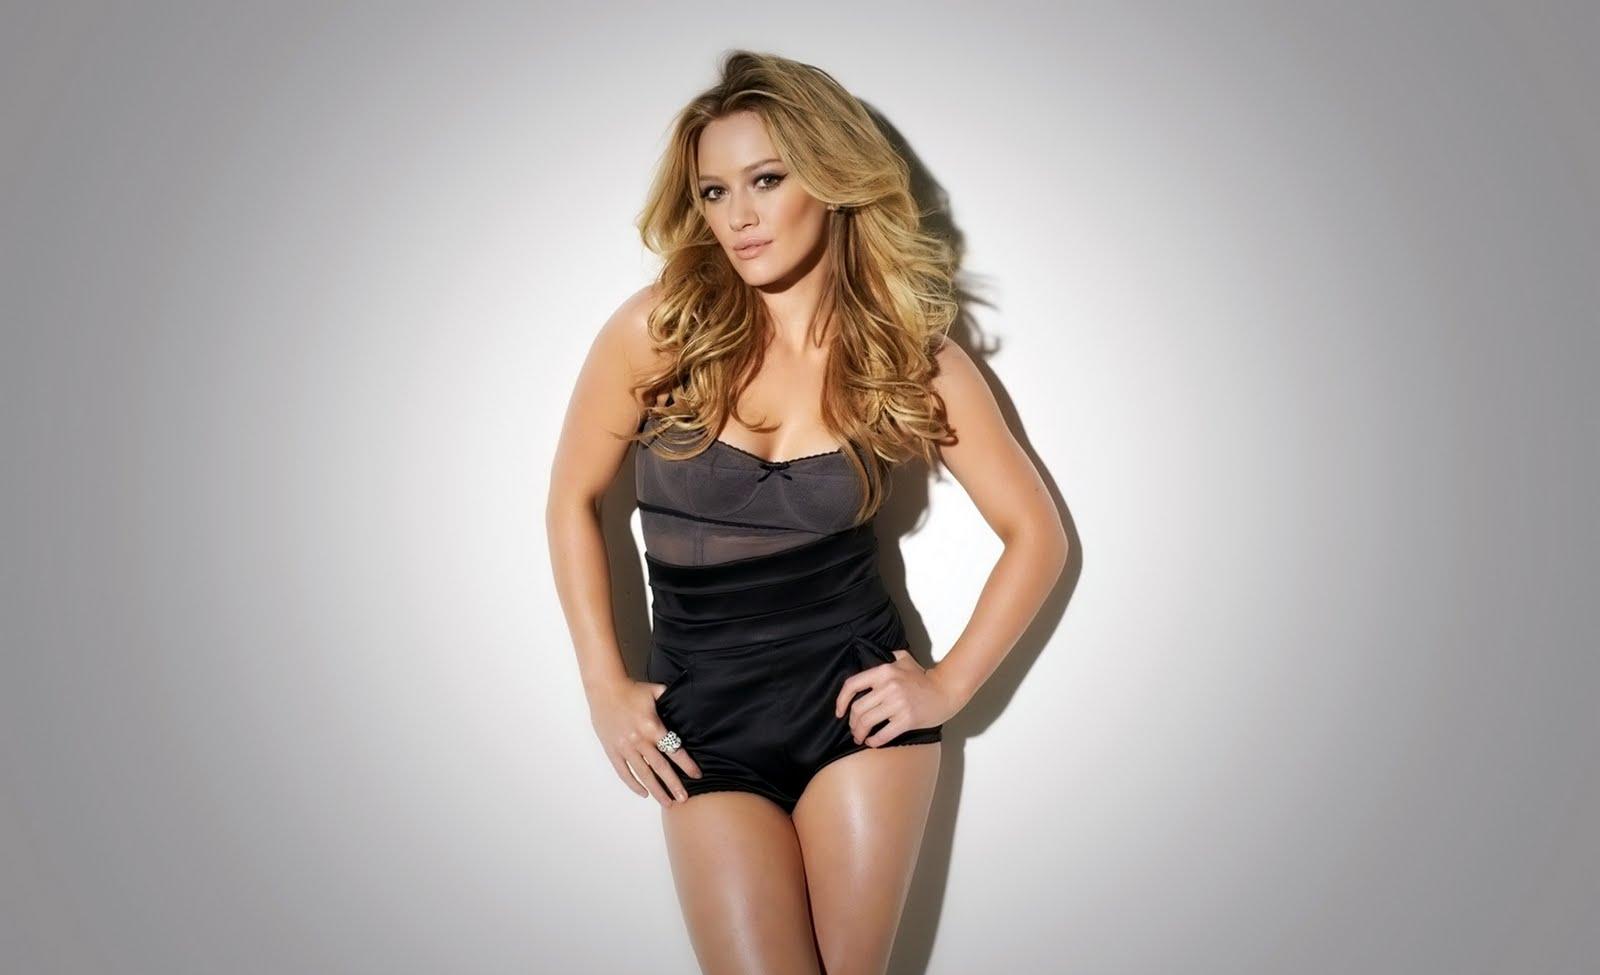 http://4.bp.blogspot.com/-47nwtwJnX-4/TprKg95Q_fI/AAAAAAAAGJU/cT8zdKOQfAg/s1600/Hilary-Duff%2B%252837%2529.jpg